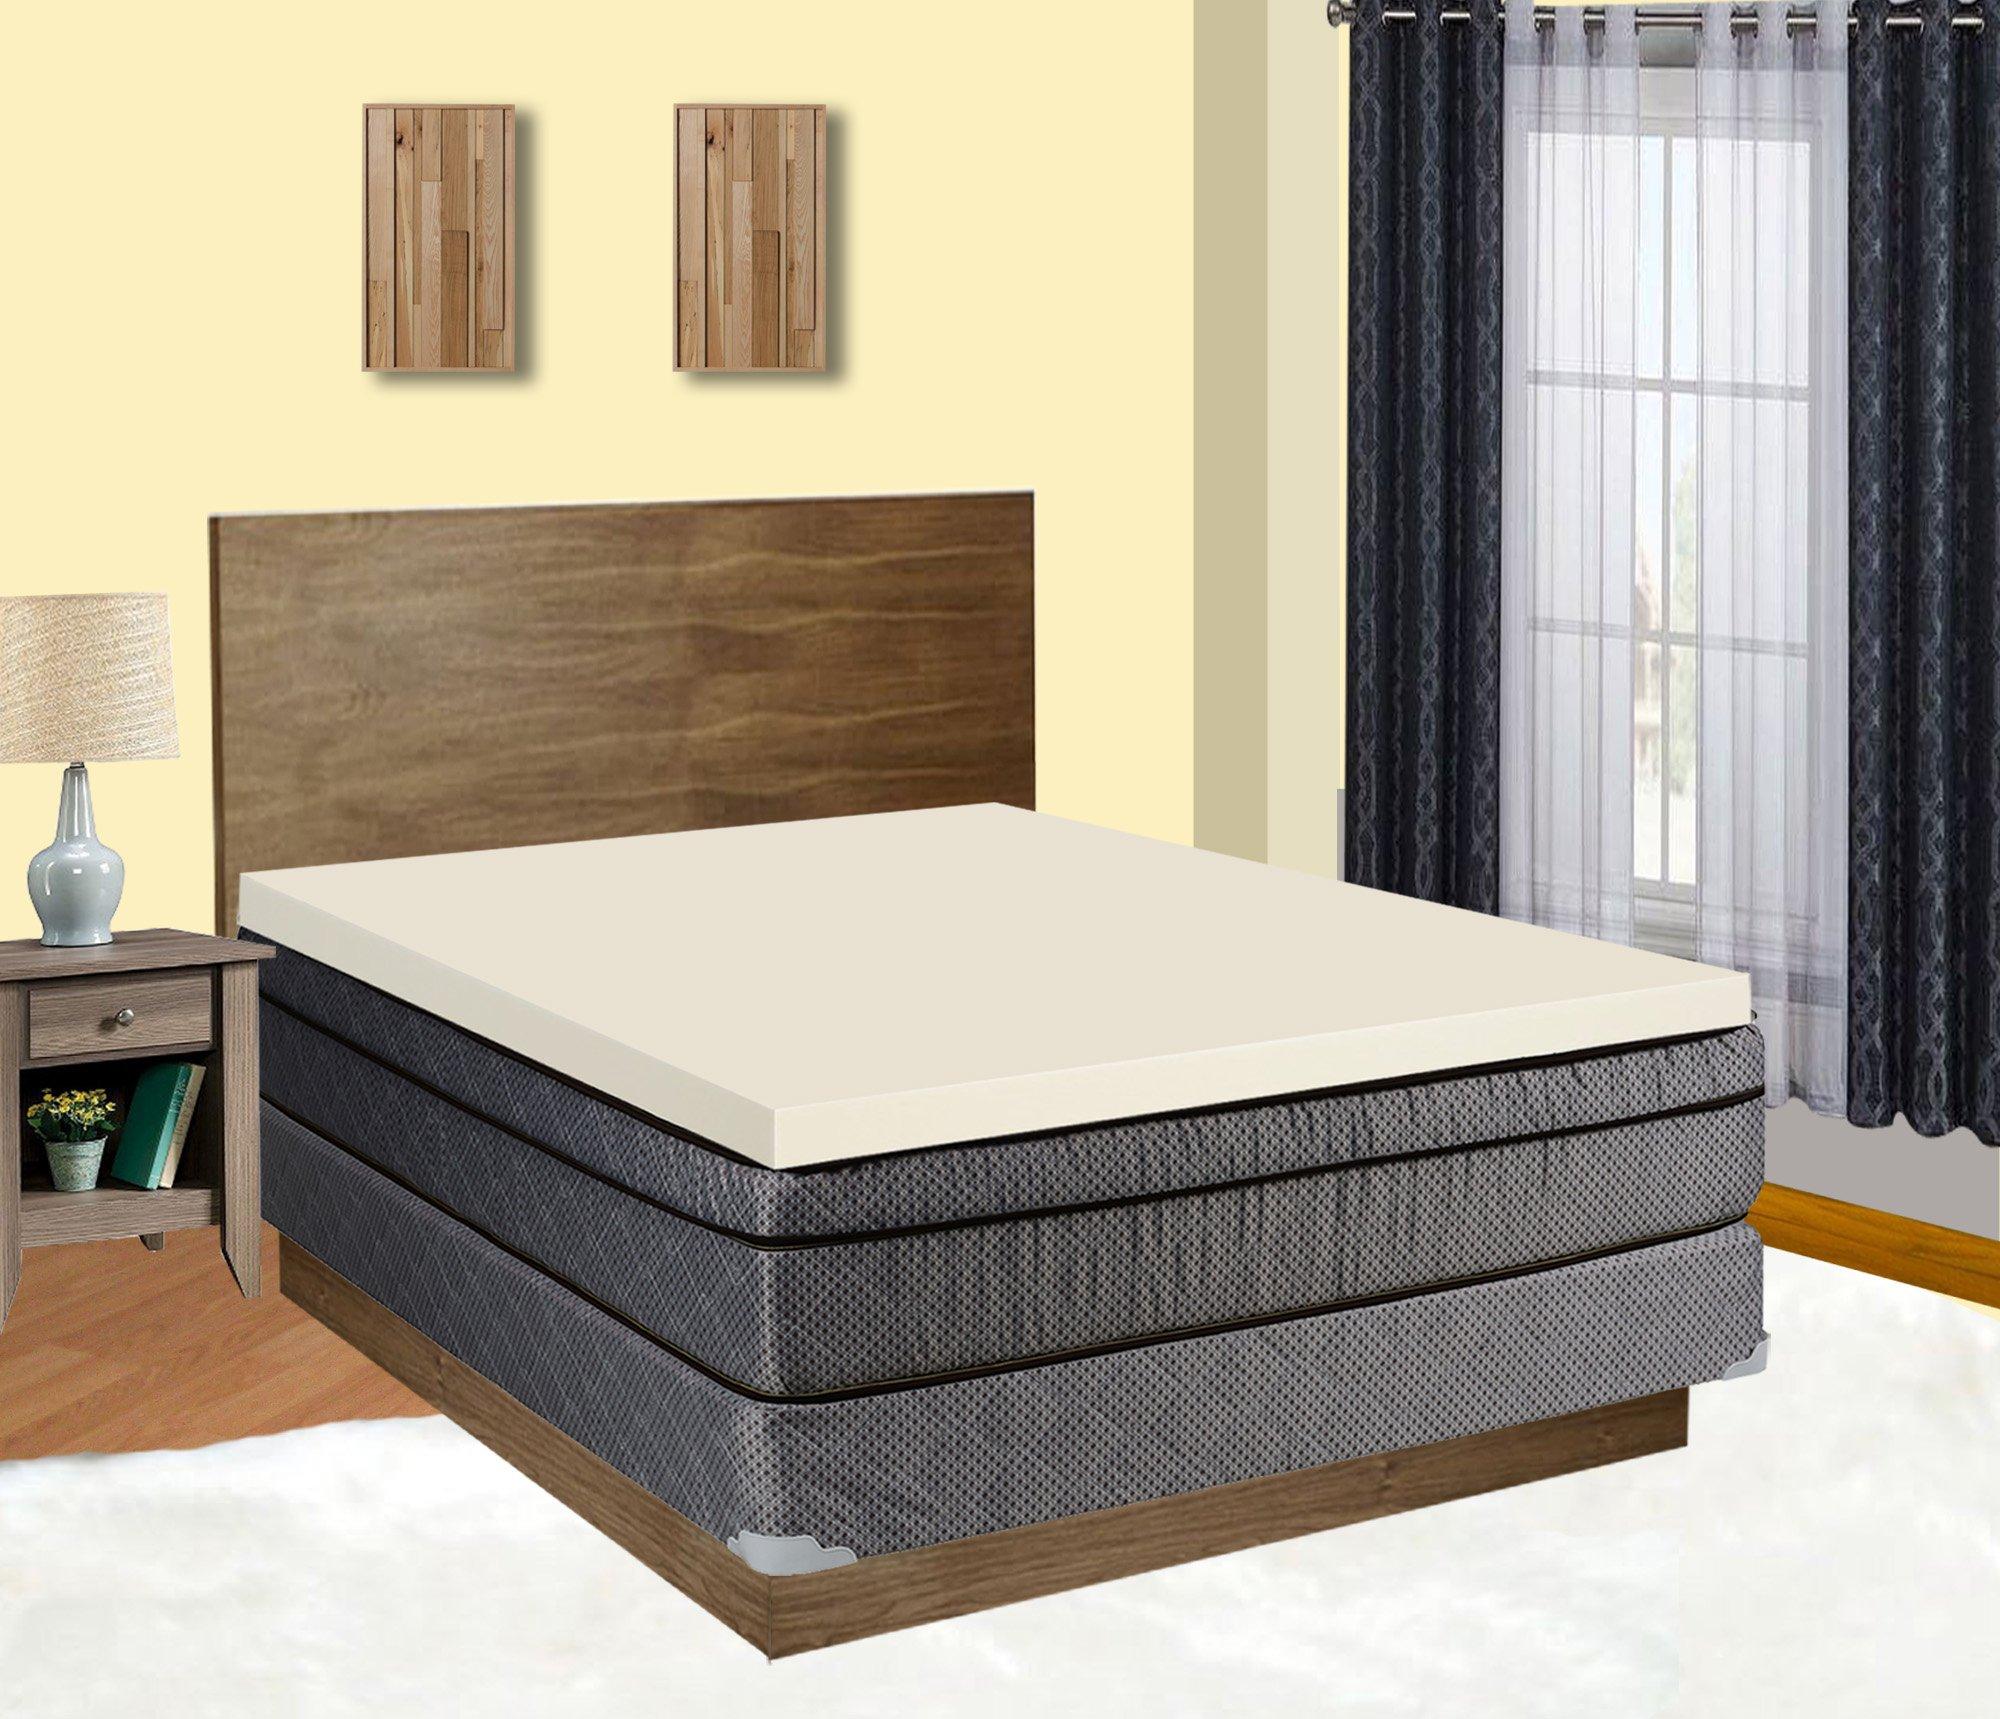 Mattress Solution, 2'' Density Foam Mattress  Topper, Twin Size, Adds Comfort To Mattress